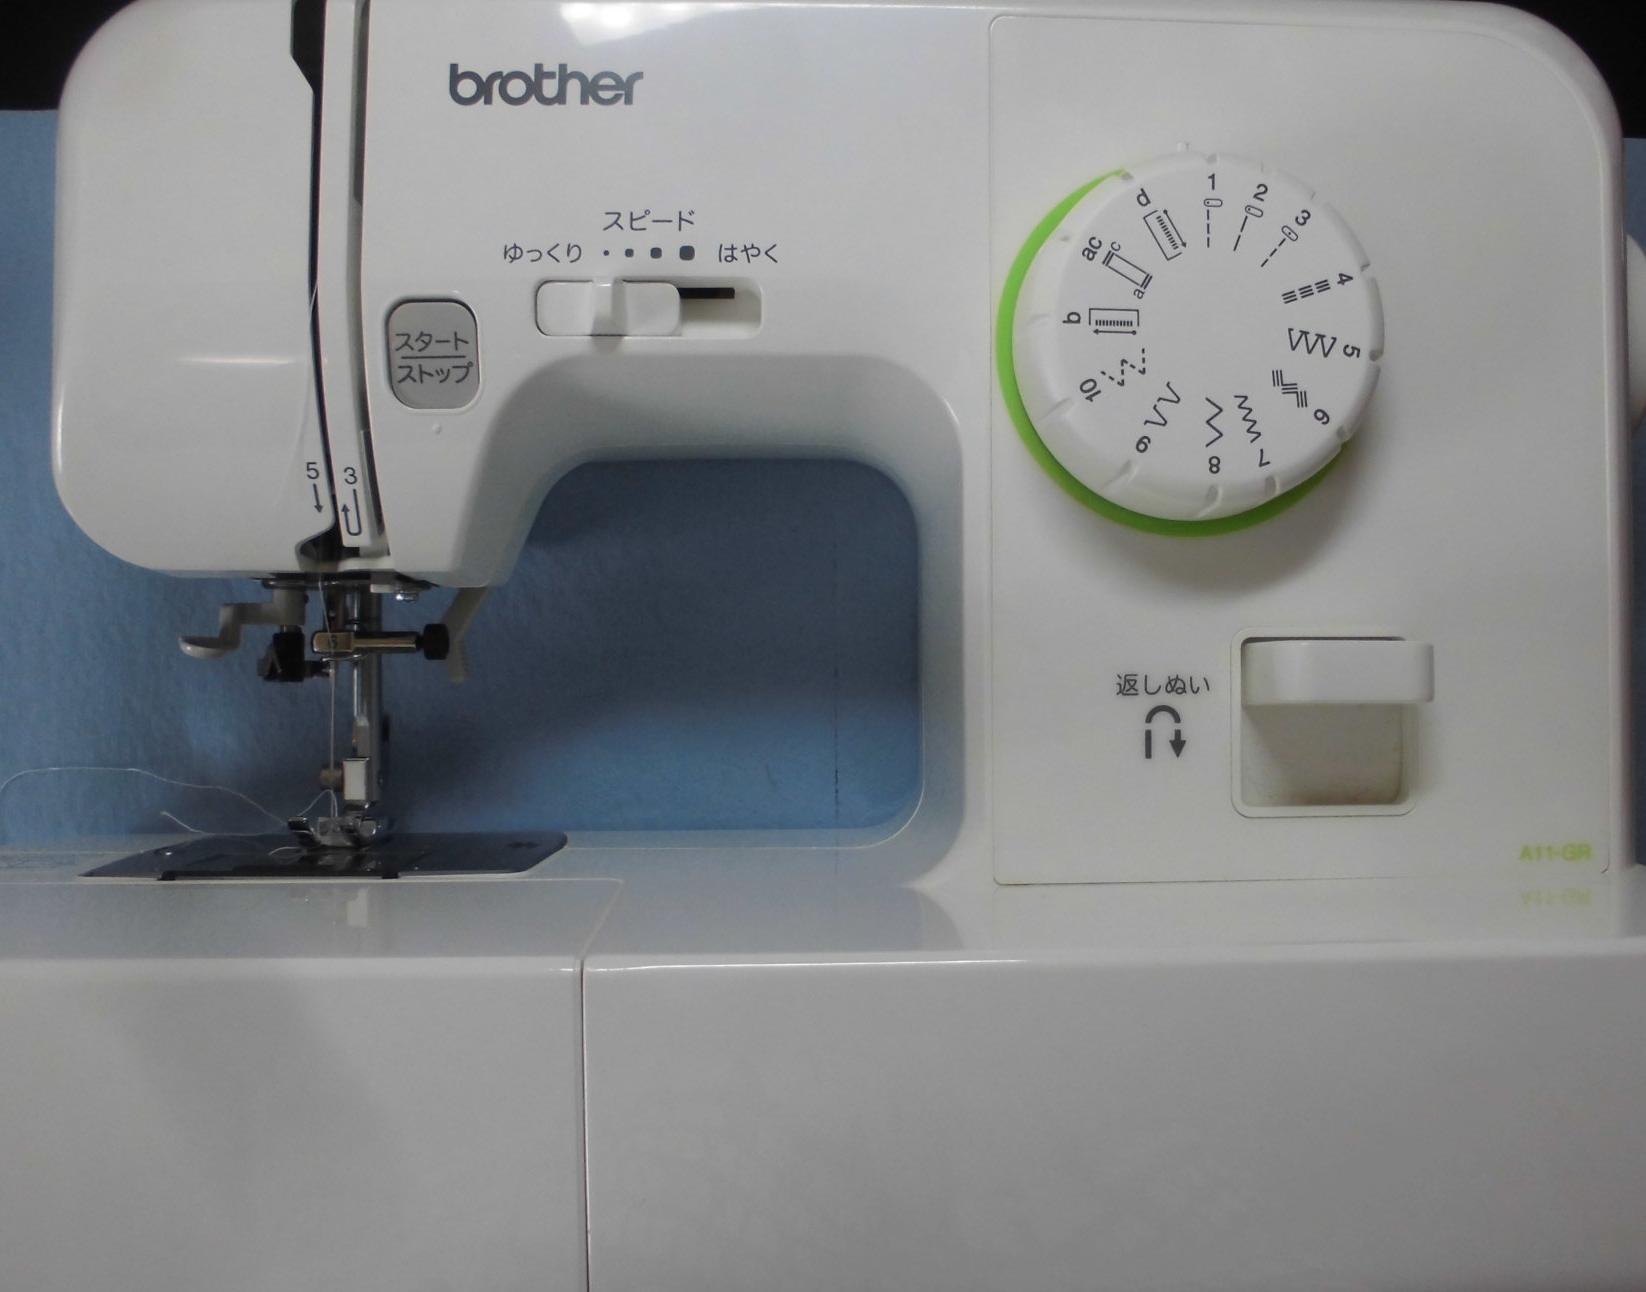 ブラザーミシン修理 EL115 縫えない、下糸をすくわない、釜が回らない